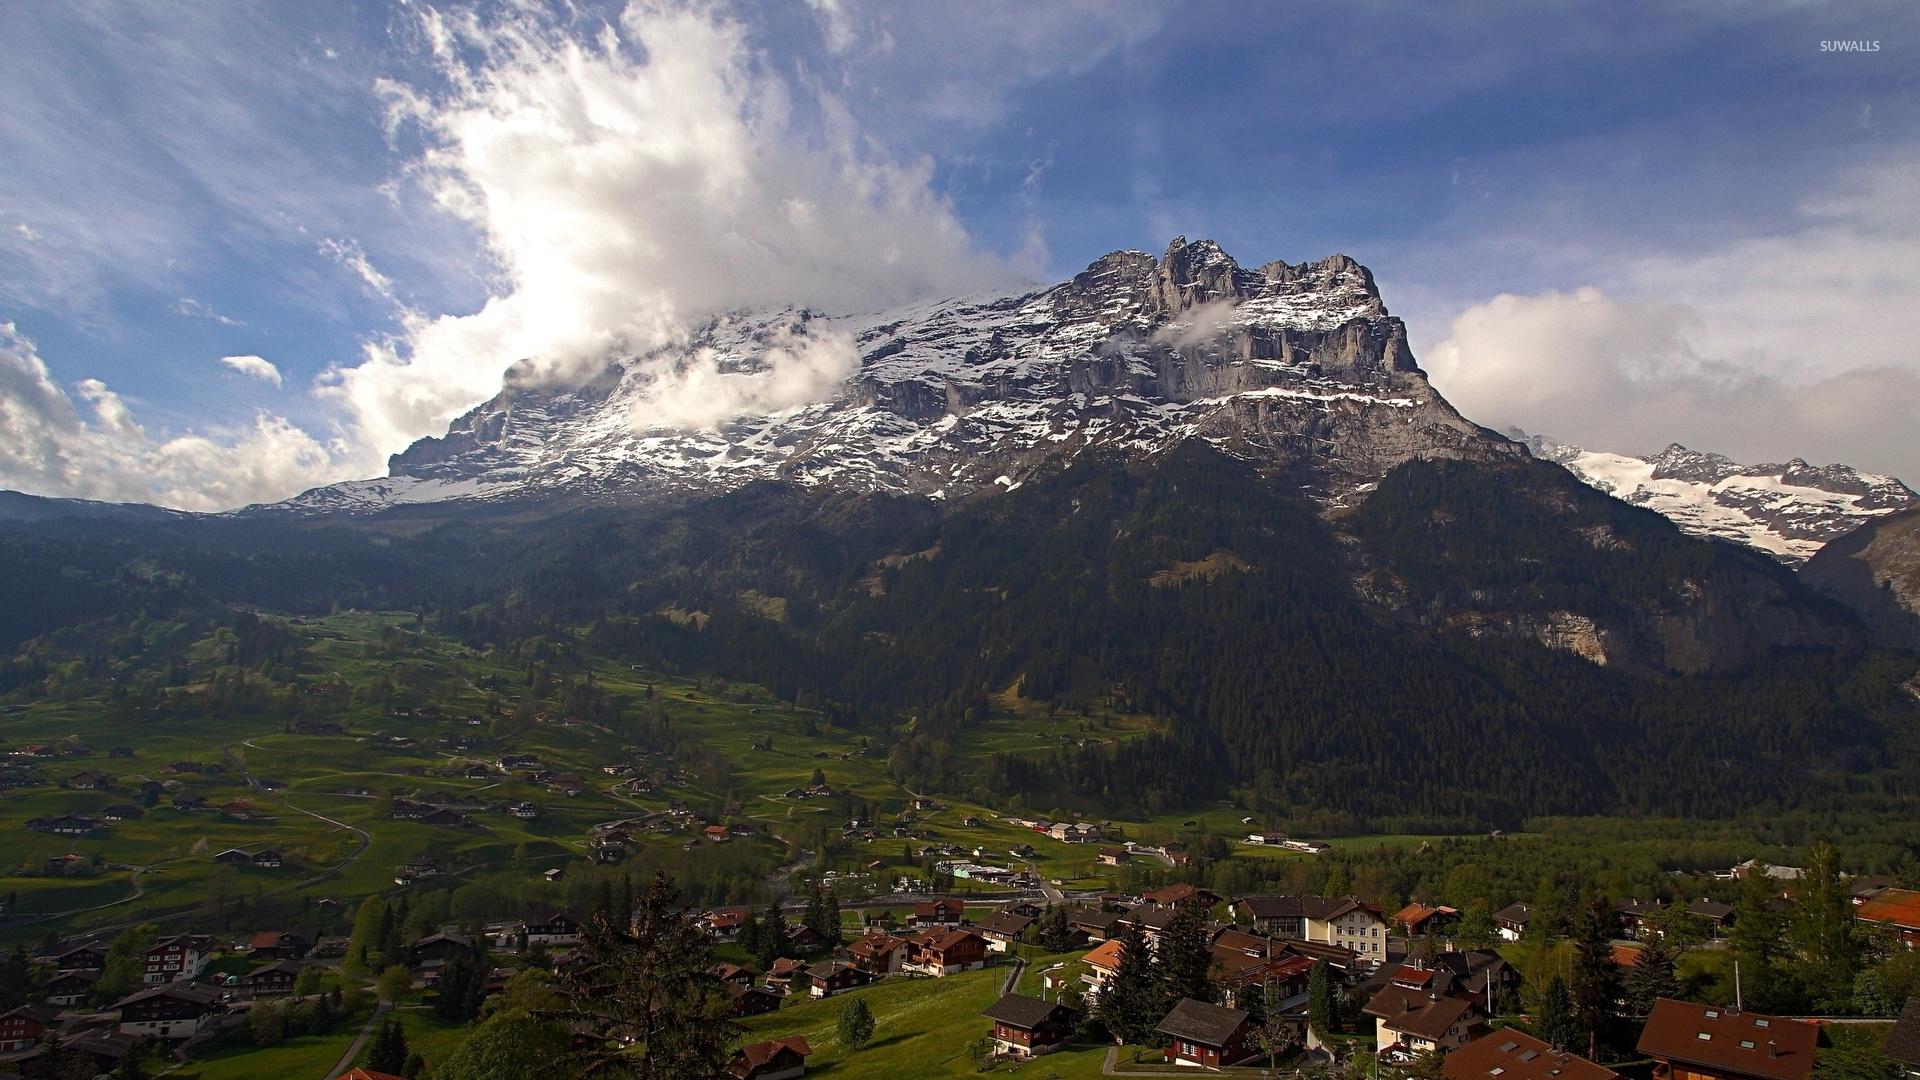 Jungfrau In Swiss Alps Wallpaper Nature Wallpapers 49009